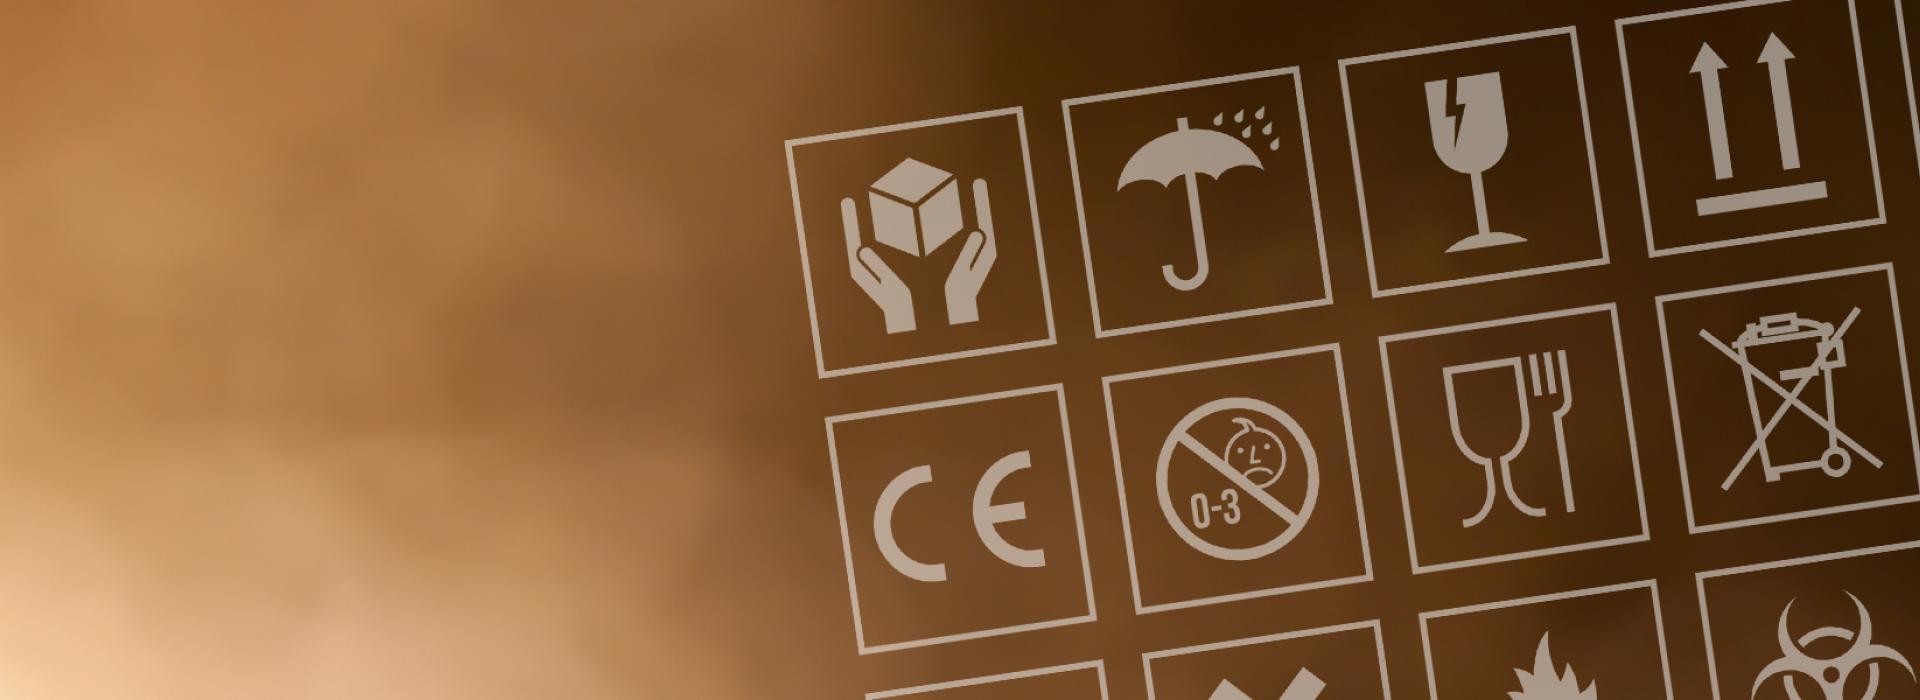 Understanding Packaging Symbols